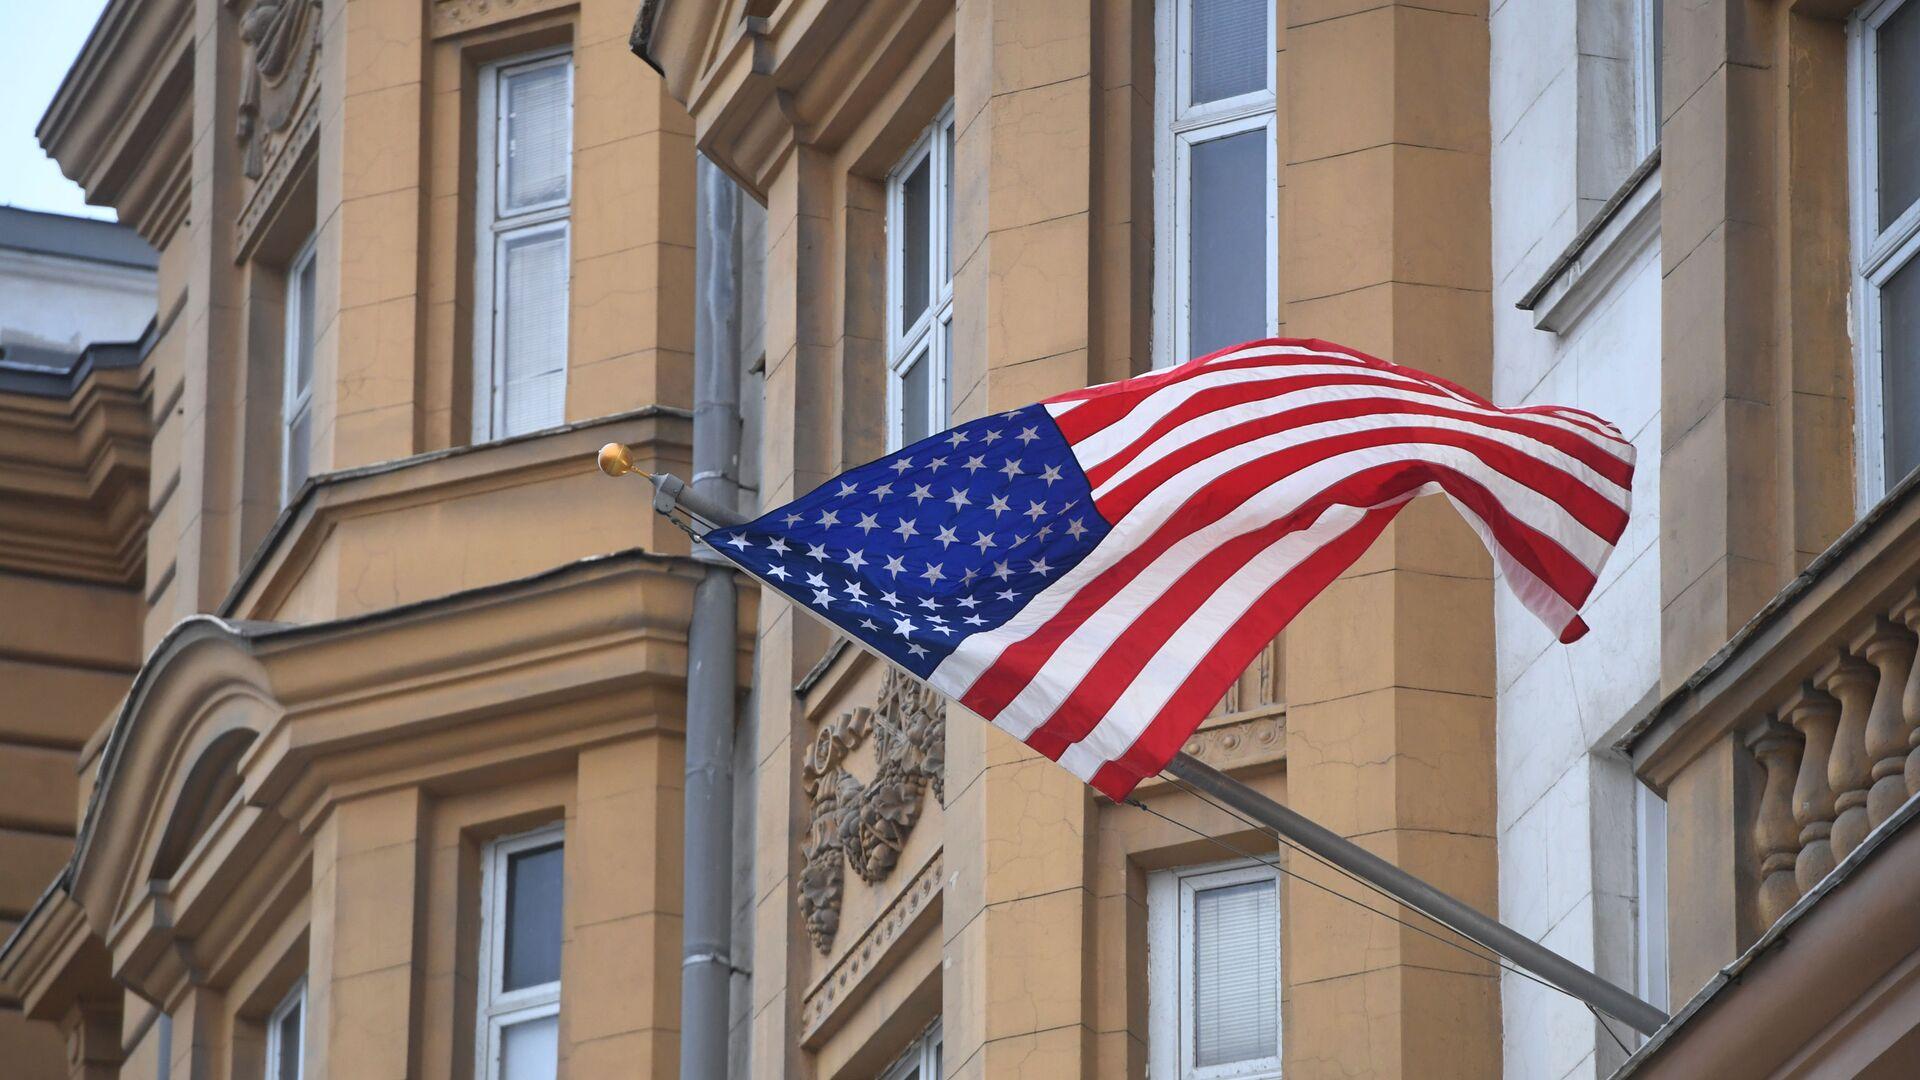 Państwowa flaga Stanów Zjednoczonych na fasadzie ambasady USA w Moskwie - Sputnik Polska, 1920, 09.10.2021